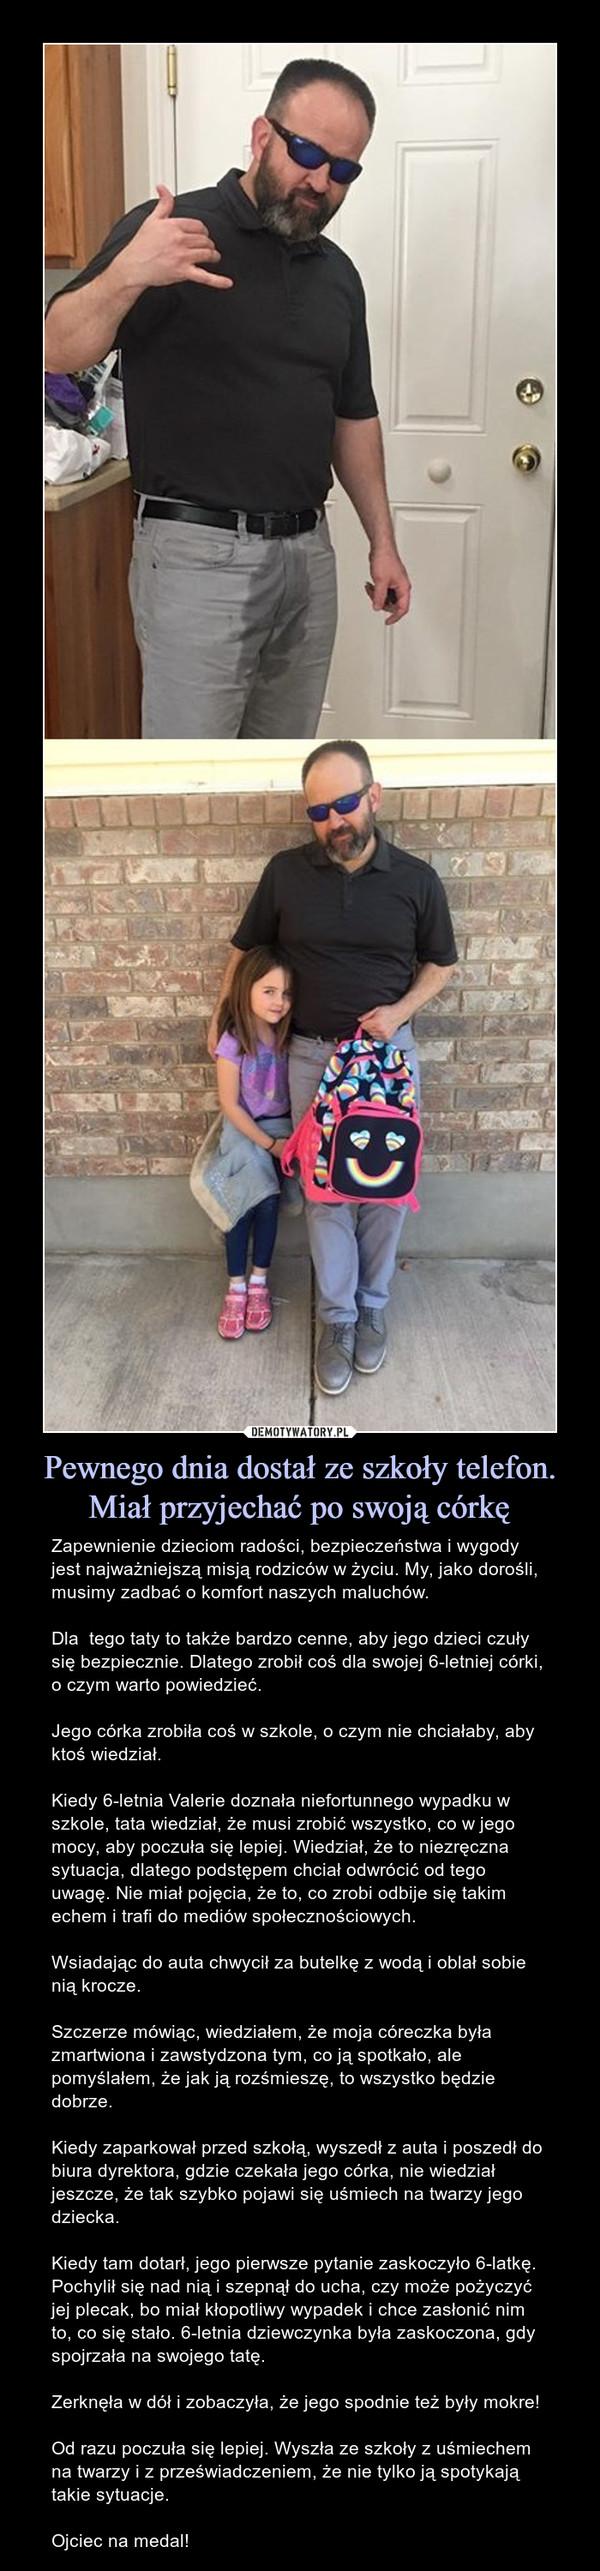 Pewnego dnia dostał ze szkoły telefon. Miał przyjechać po swoją córkę – Zapewnienie dzieciom radości, bezpieczeństwa i wygody jest najważniejszą misją rodziców w życiu. My, jako dorośli, musimy zadbać o komfort naszych maluchów.Dla  tego taty to także bardzo cenne, aby jego dzieci czuły się bezpiecznie. Dlatego zrobił coś dla swojej 6-letniej córki, o czym warto powiedzieć.Jego córka zrobiła coś w szkole, o czym nie chciałaby, aby ktoś wiedział.Kiedy 6-letnia Valerie doznała niefortunnego wypadku w szkole, tata wiedział, że musi zrobić wszystko, co w jego mocy, aby poczuła się lepiej. Wiedział, że to niezręczna sytuacja, dlatego podstępem chciał odwrócić od tego uwagę. Nie miał pojęcia, że to, co zrobi odbije się takim echem i trafi do mediów społecznościowych. Wsiadając do auta chwycił za butelkę z wodą i oblał sobie nią krocze.Szczerze mówiąc, wiedziałem, że moja córeczka była zmartwiona i zawstydzona tym, co ją spotkało, ale pomyślałem, że jak ją rozśmieszę, to wszystko będzie dobrze.Kiedy zaparkował przed szkołą, wyszedł z auta i poszedł do biura dyrektora, gdzie czekała jego córka, nie wiedział jeszcze, że tak szybko pojawi się uśmiech na twarzy jego dziecka.Kiedy tam dotarł, jego pierwsze pytanie zaskoczyło 6-latkę. Pochylił się nad nią i szepnął do ucha, czy może pożyczyć jej plecak, bo miał kłopotliwy wypadek i chce zasłonić nim to, co się stało. 6-letnia dziewczynka była zaskoczona, gdy spojrzała na swojego tatę.Zerknęła w dół i zobaczyła, że jego spodnie też były mokre!Od razu poczuła się lepiej. Wyszła ze szkoły z uśmiechem na twarzy i z przeświadczeniem, że nie tylko ją spotykają takie sytuacje.Ojciec na medal!